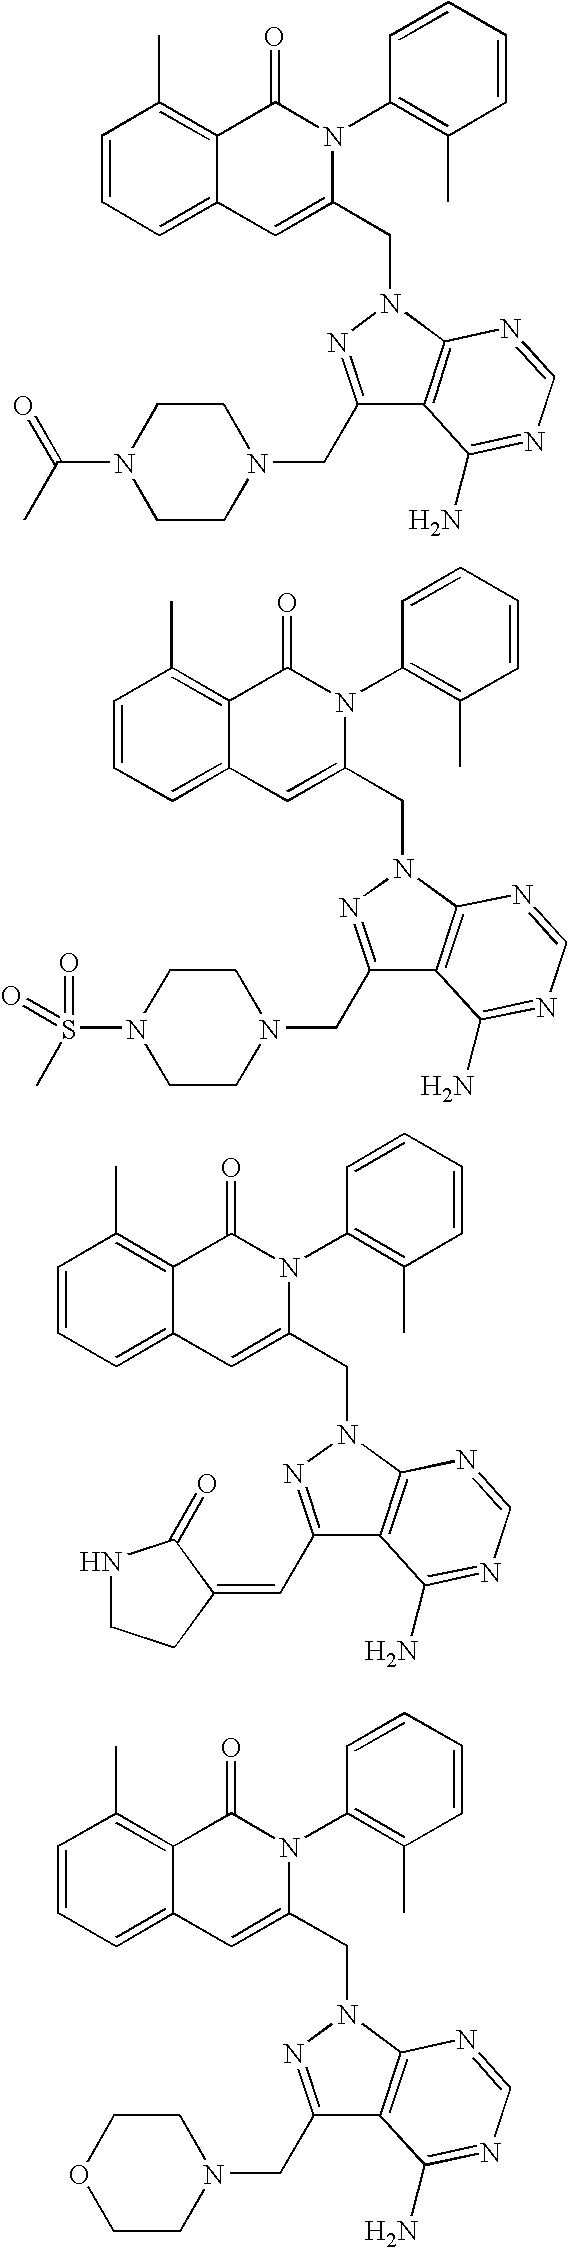 Figure US08193182-20120605-C00274